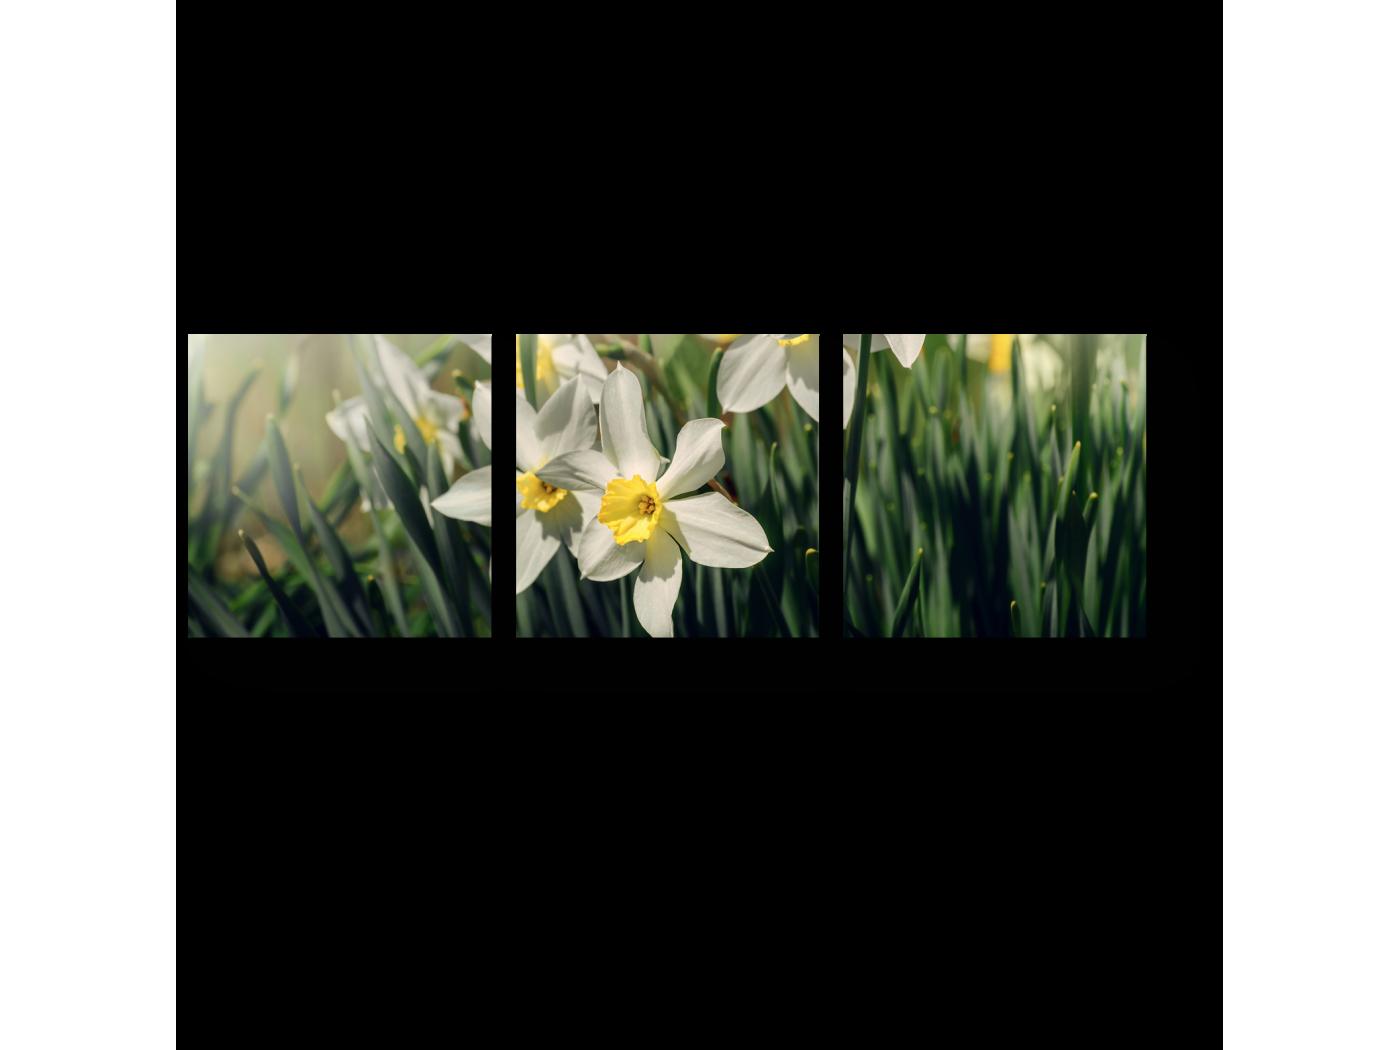 Модульная картина Весенняя прелесть (60x20) фото